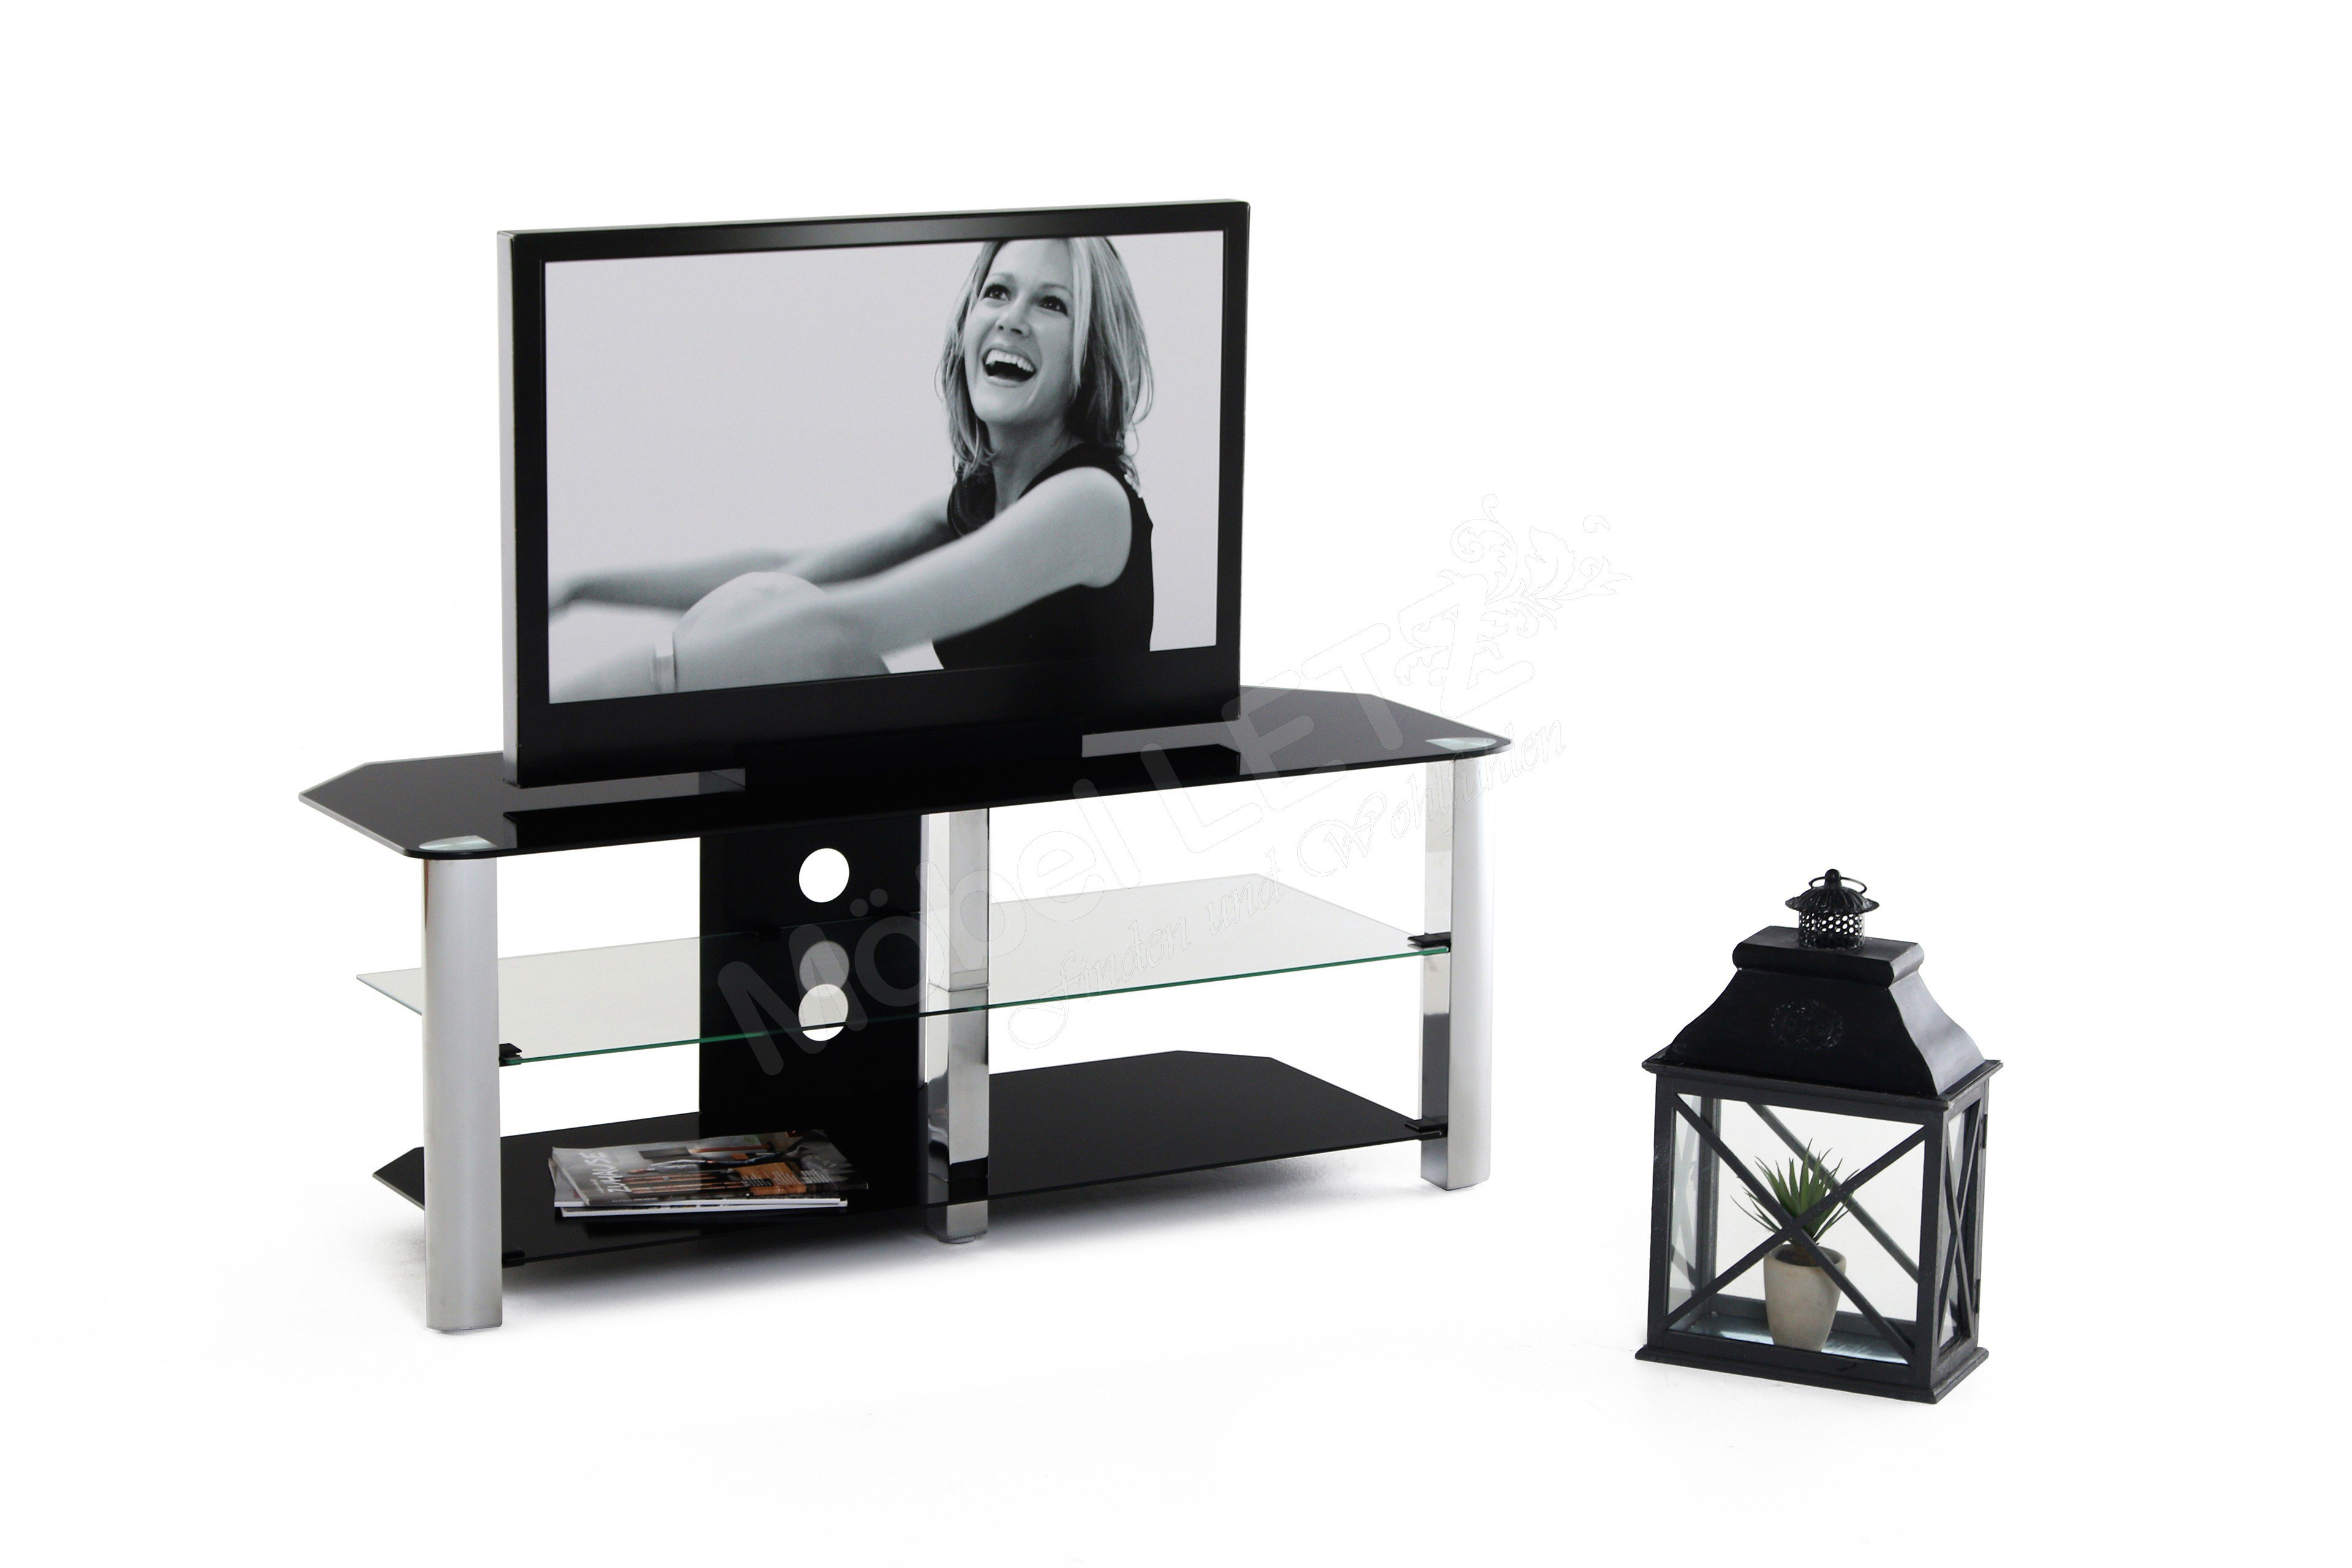 tv rack cuubra schwarz metall aus der kollektion letz. Black Bedroom Furniture Sets. Home Design Ideas